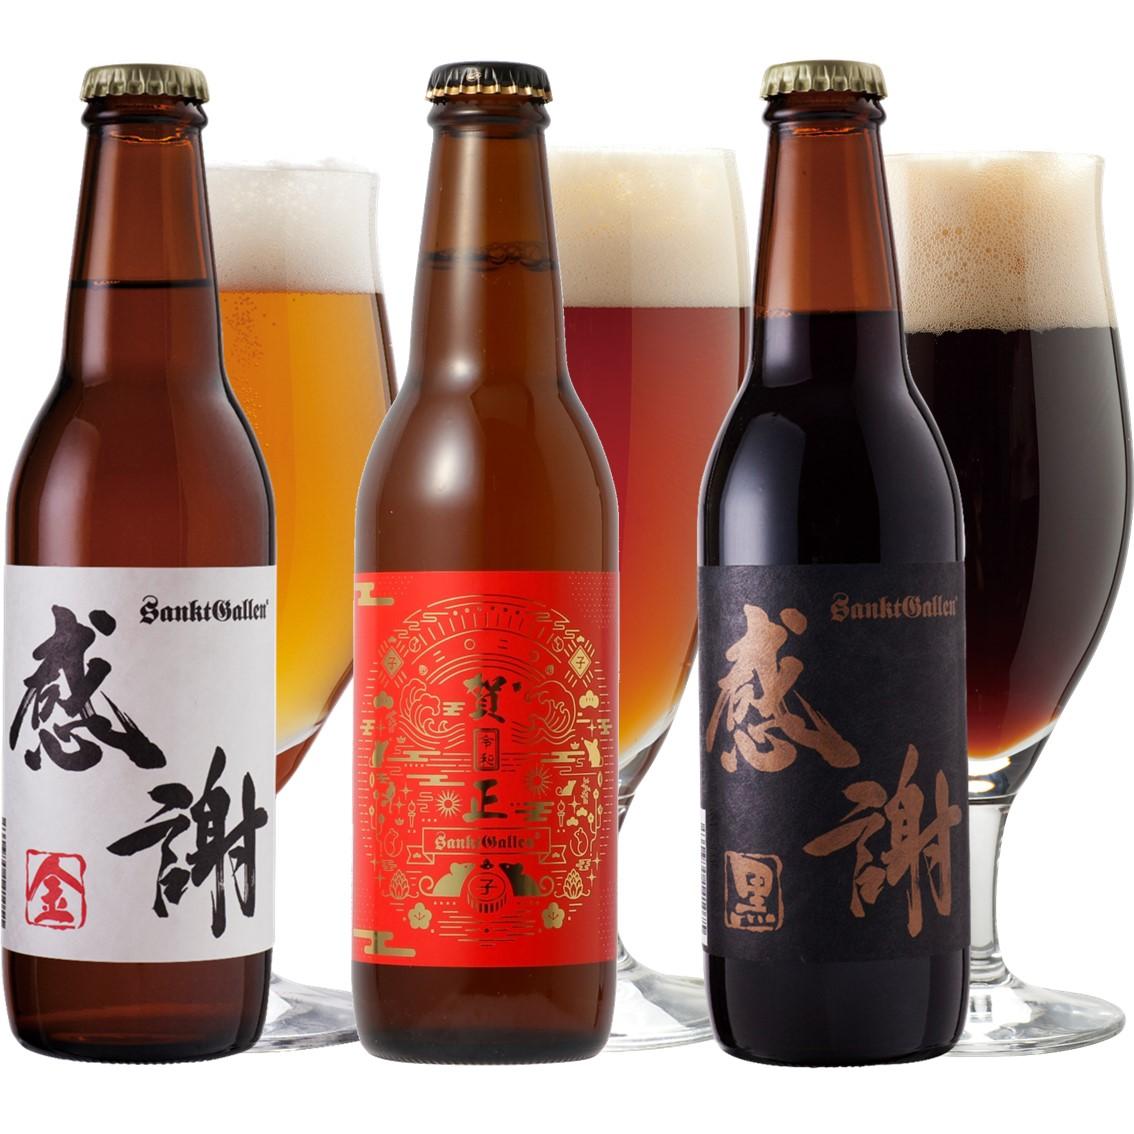 賀正ビール、感謝ビール飲み比べセット